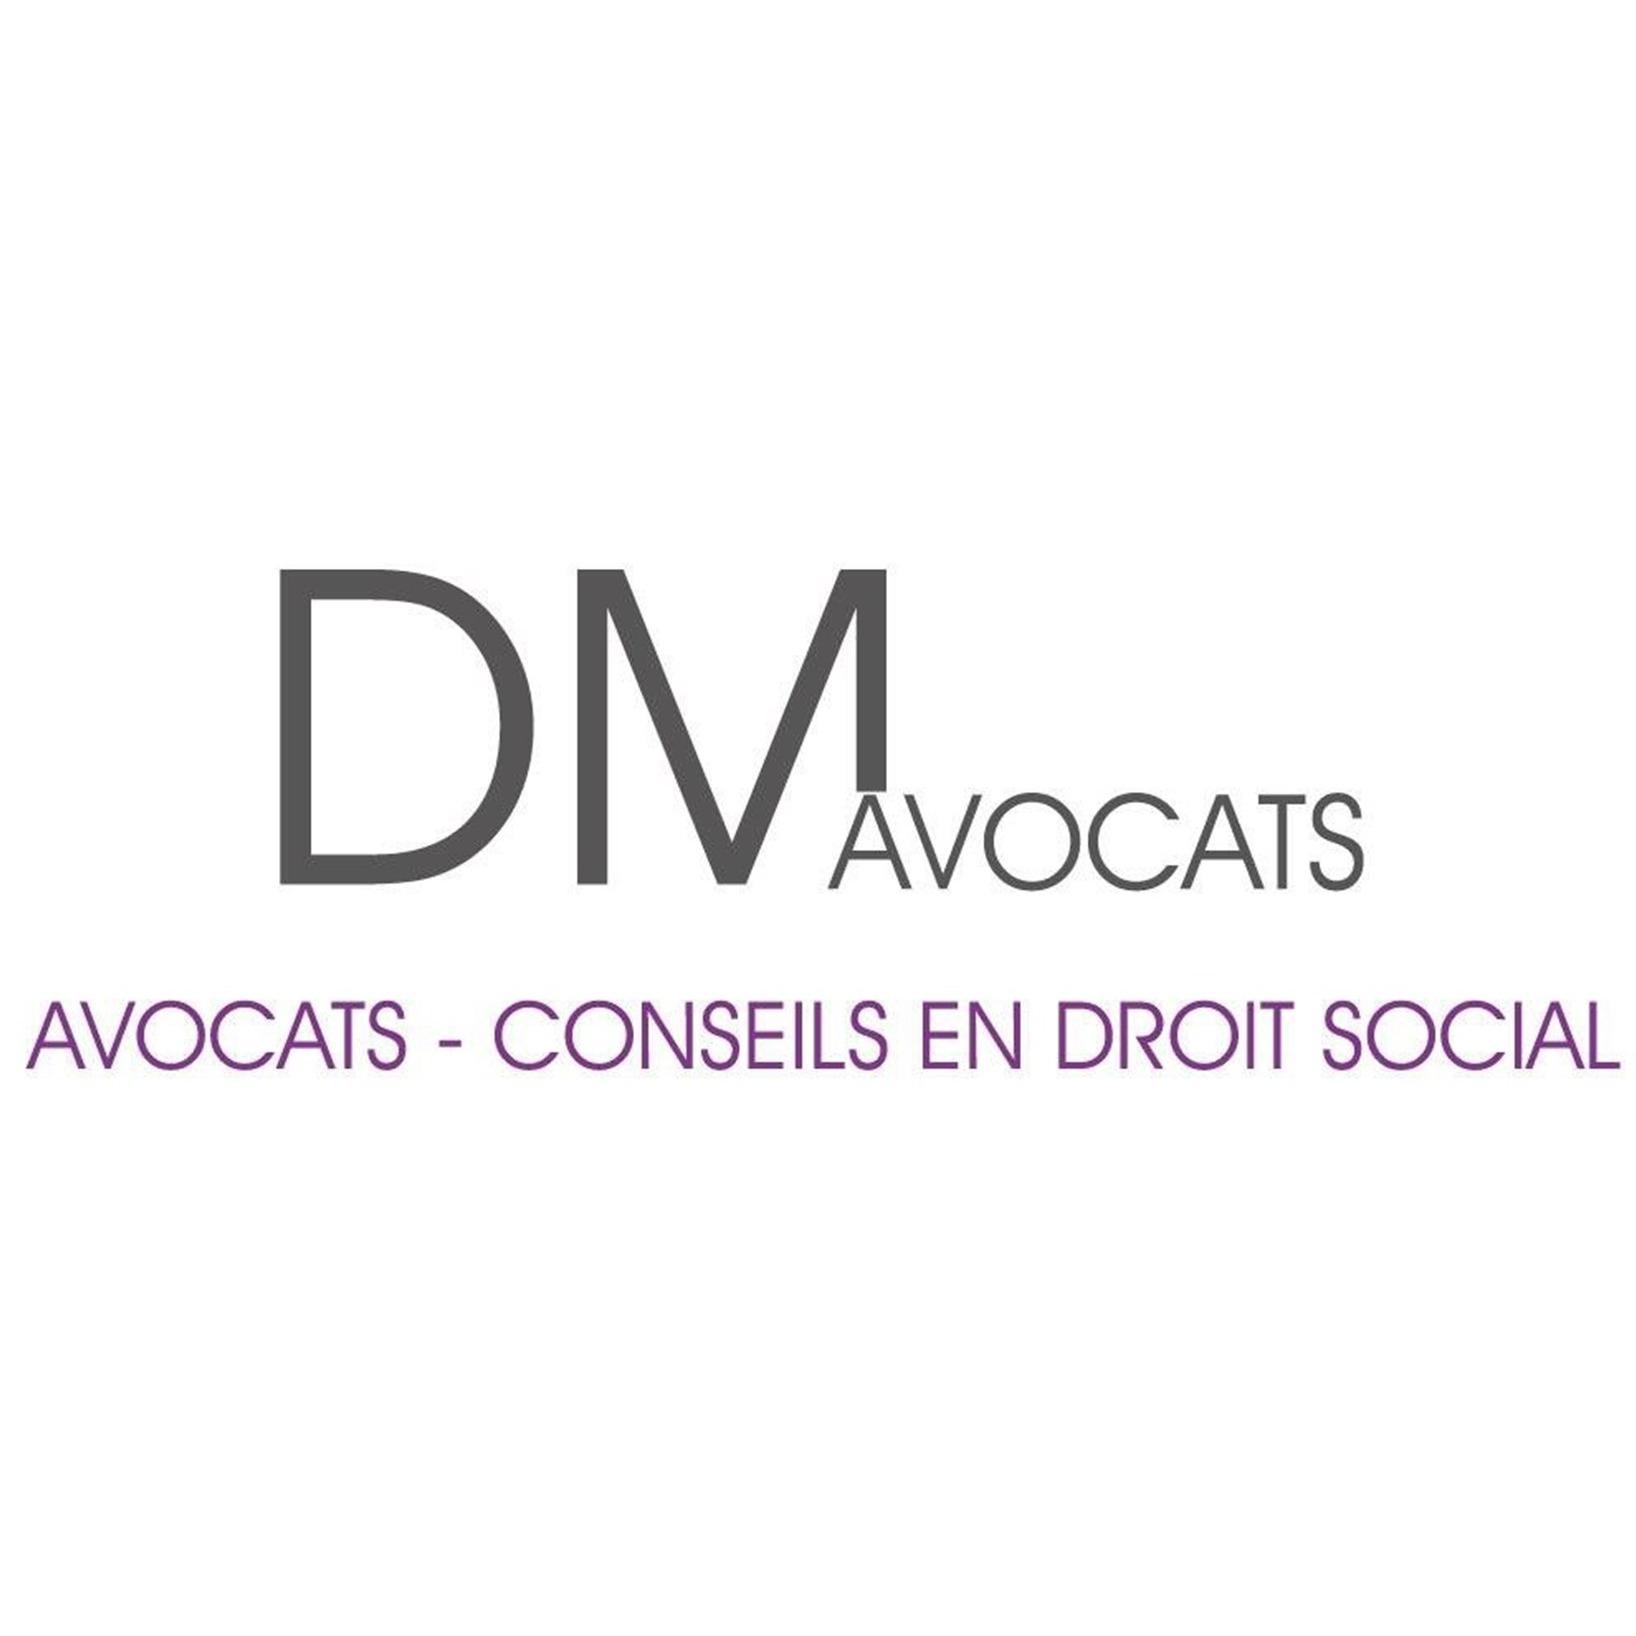 the DM Avocats logo.